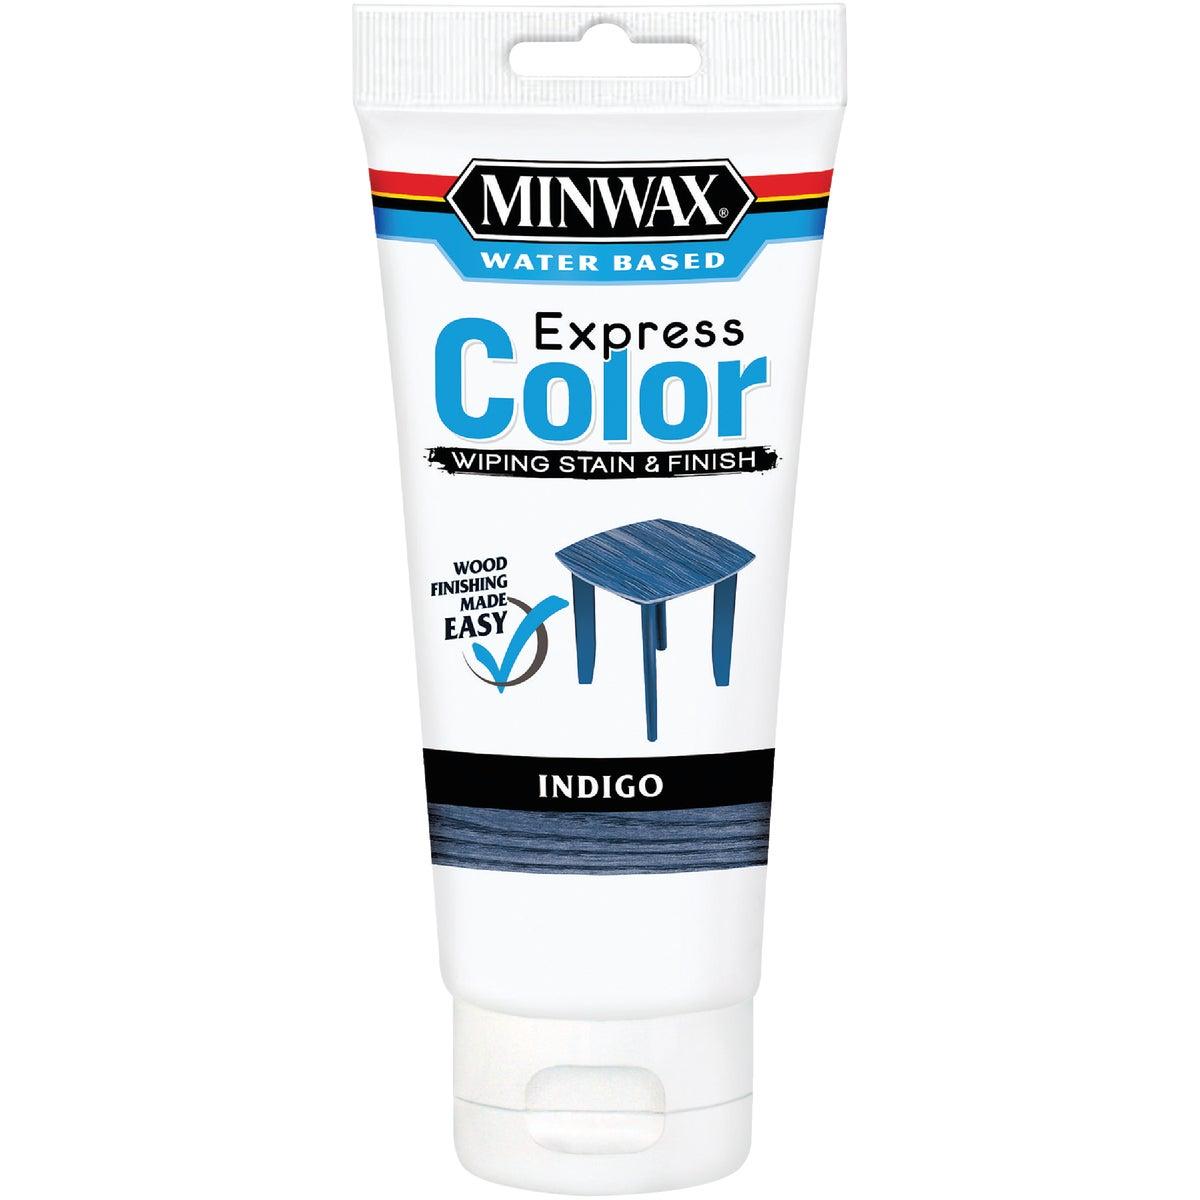 INDIGO WIPING STAIN - 308074444 by Minwax Company